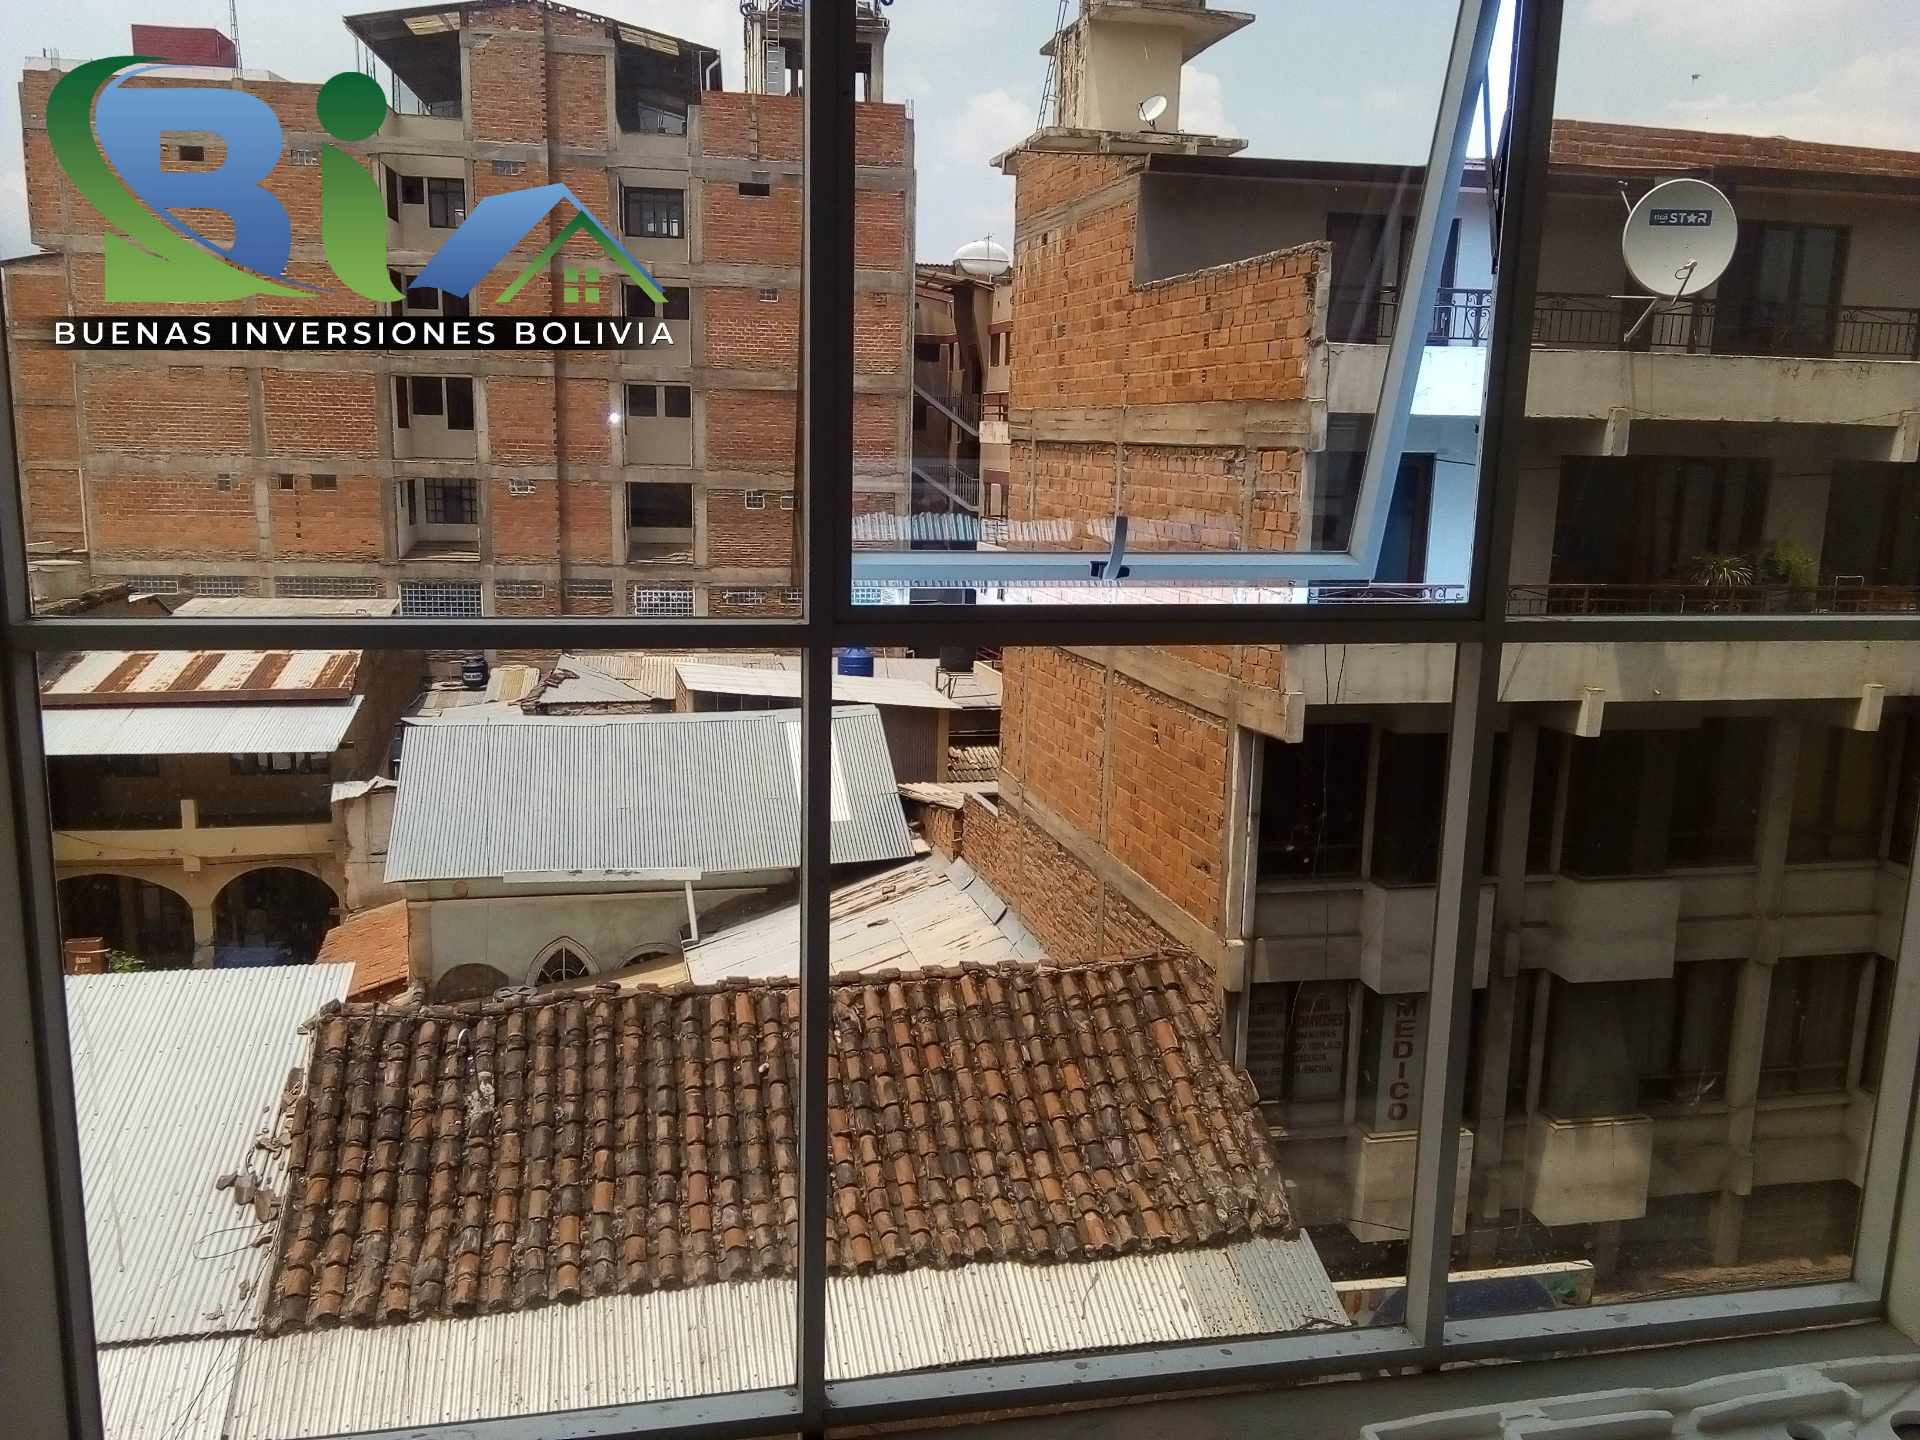 Departamento en Anticretico $us.30.000 ANTICRETICO DEPARTAMENTO NUEVO 3DORM. PROX.AV. AYACUCHO Foto 7